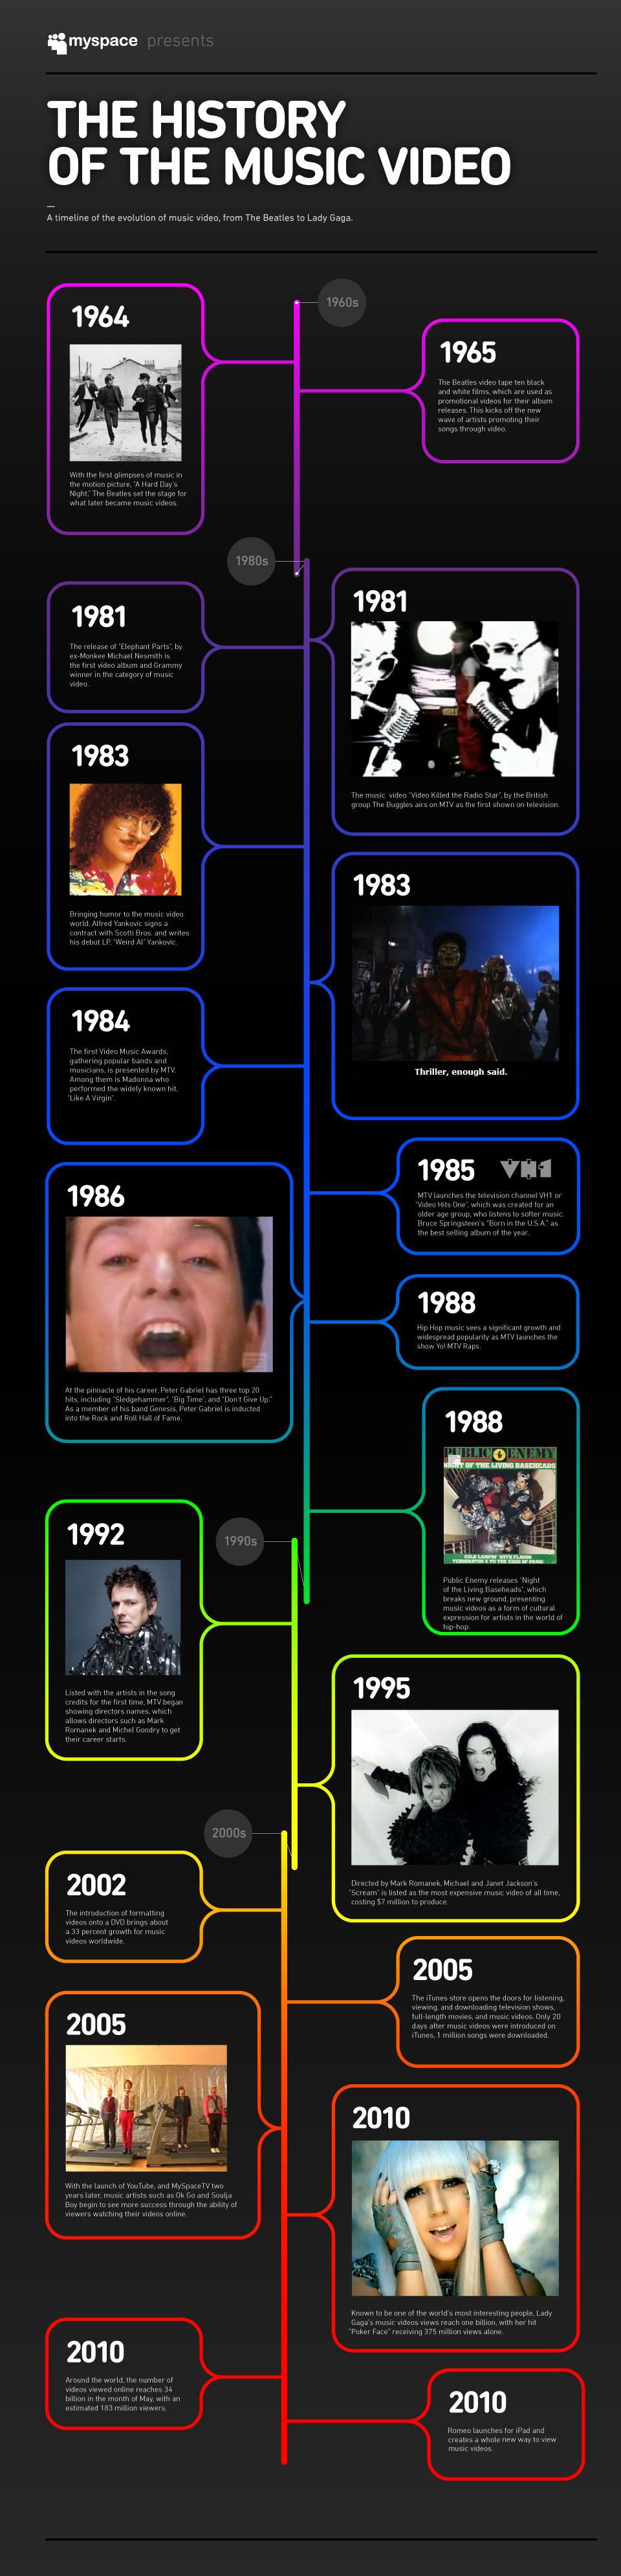 historia de los vídeos